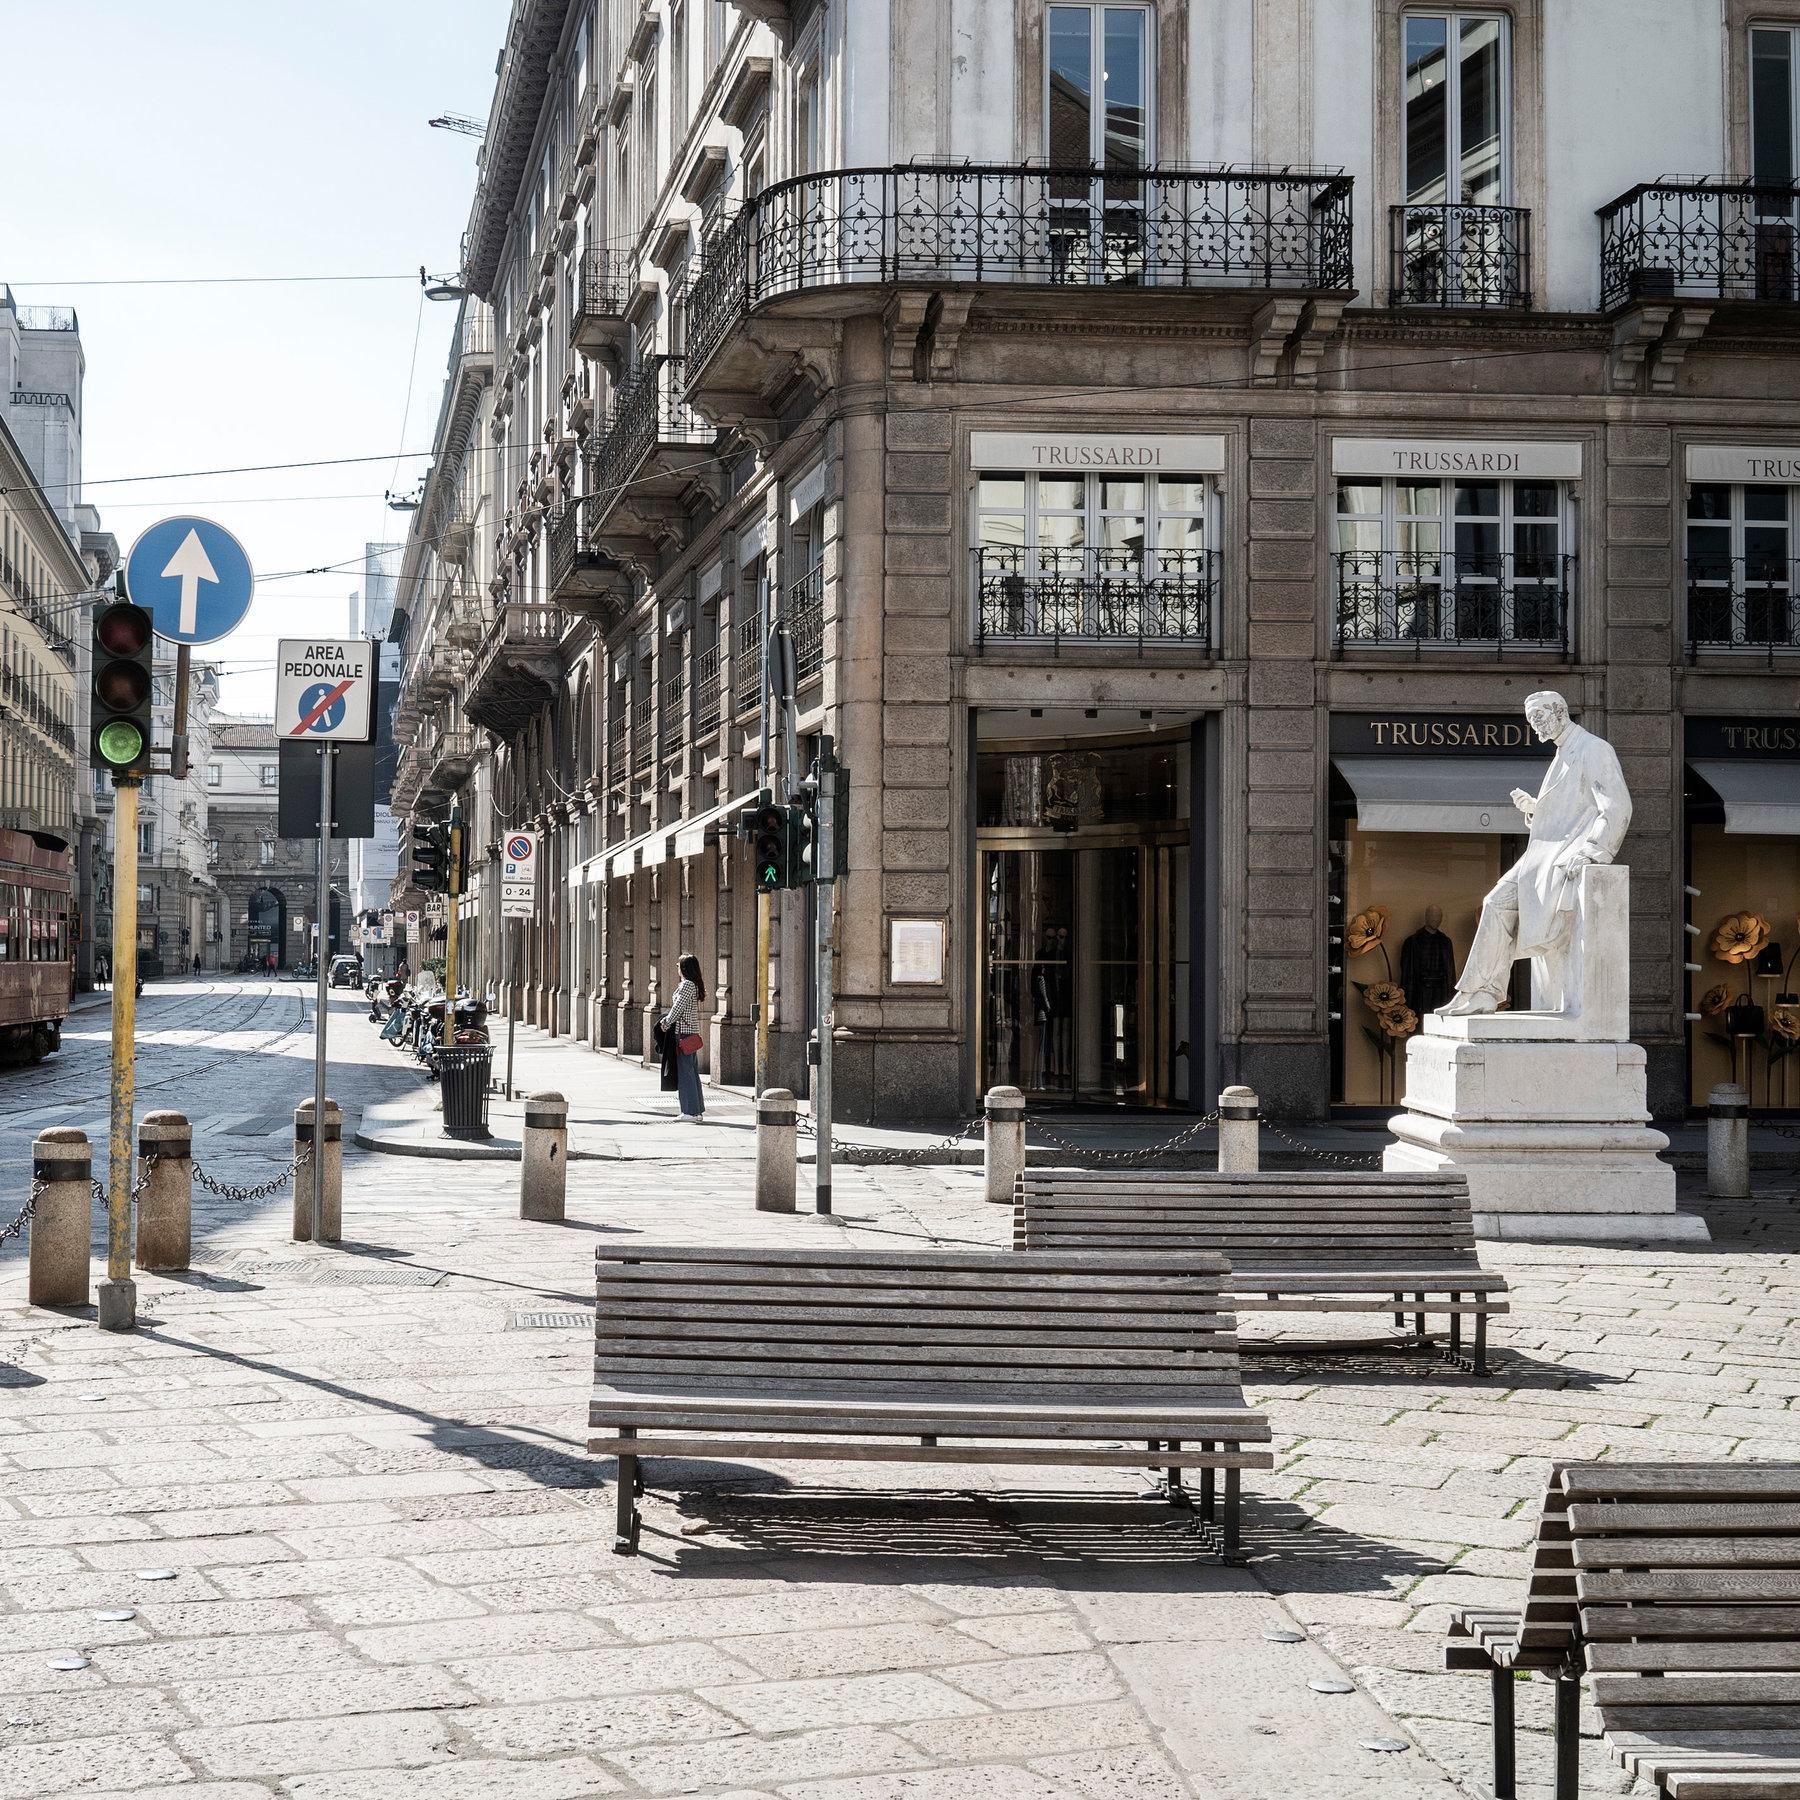 Europe, With Eye on Italy Coronavirus Quarantine, Plans Next Moves ...